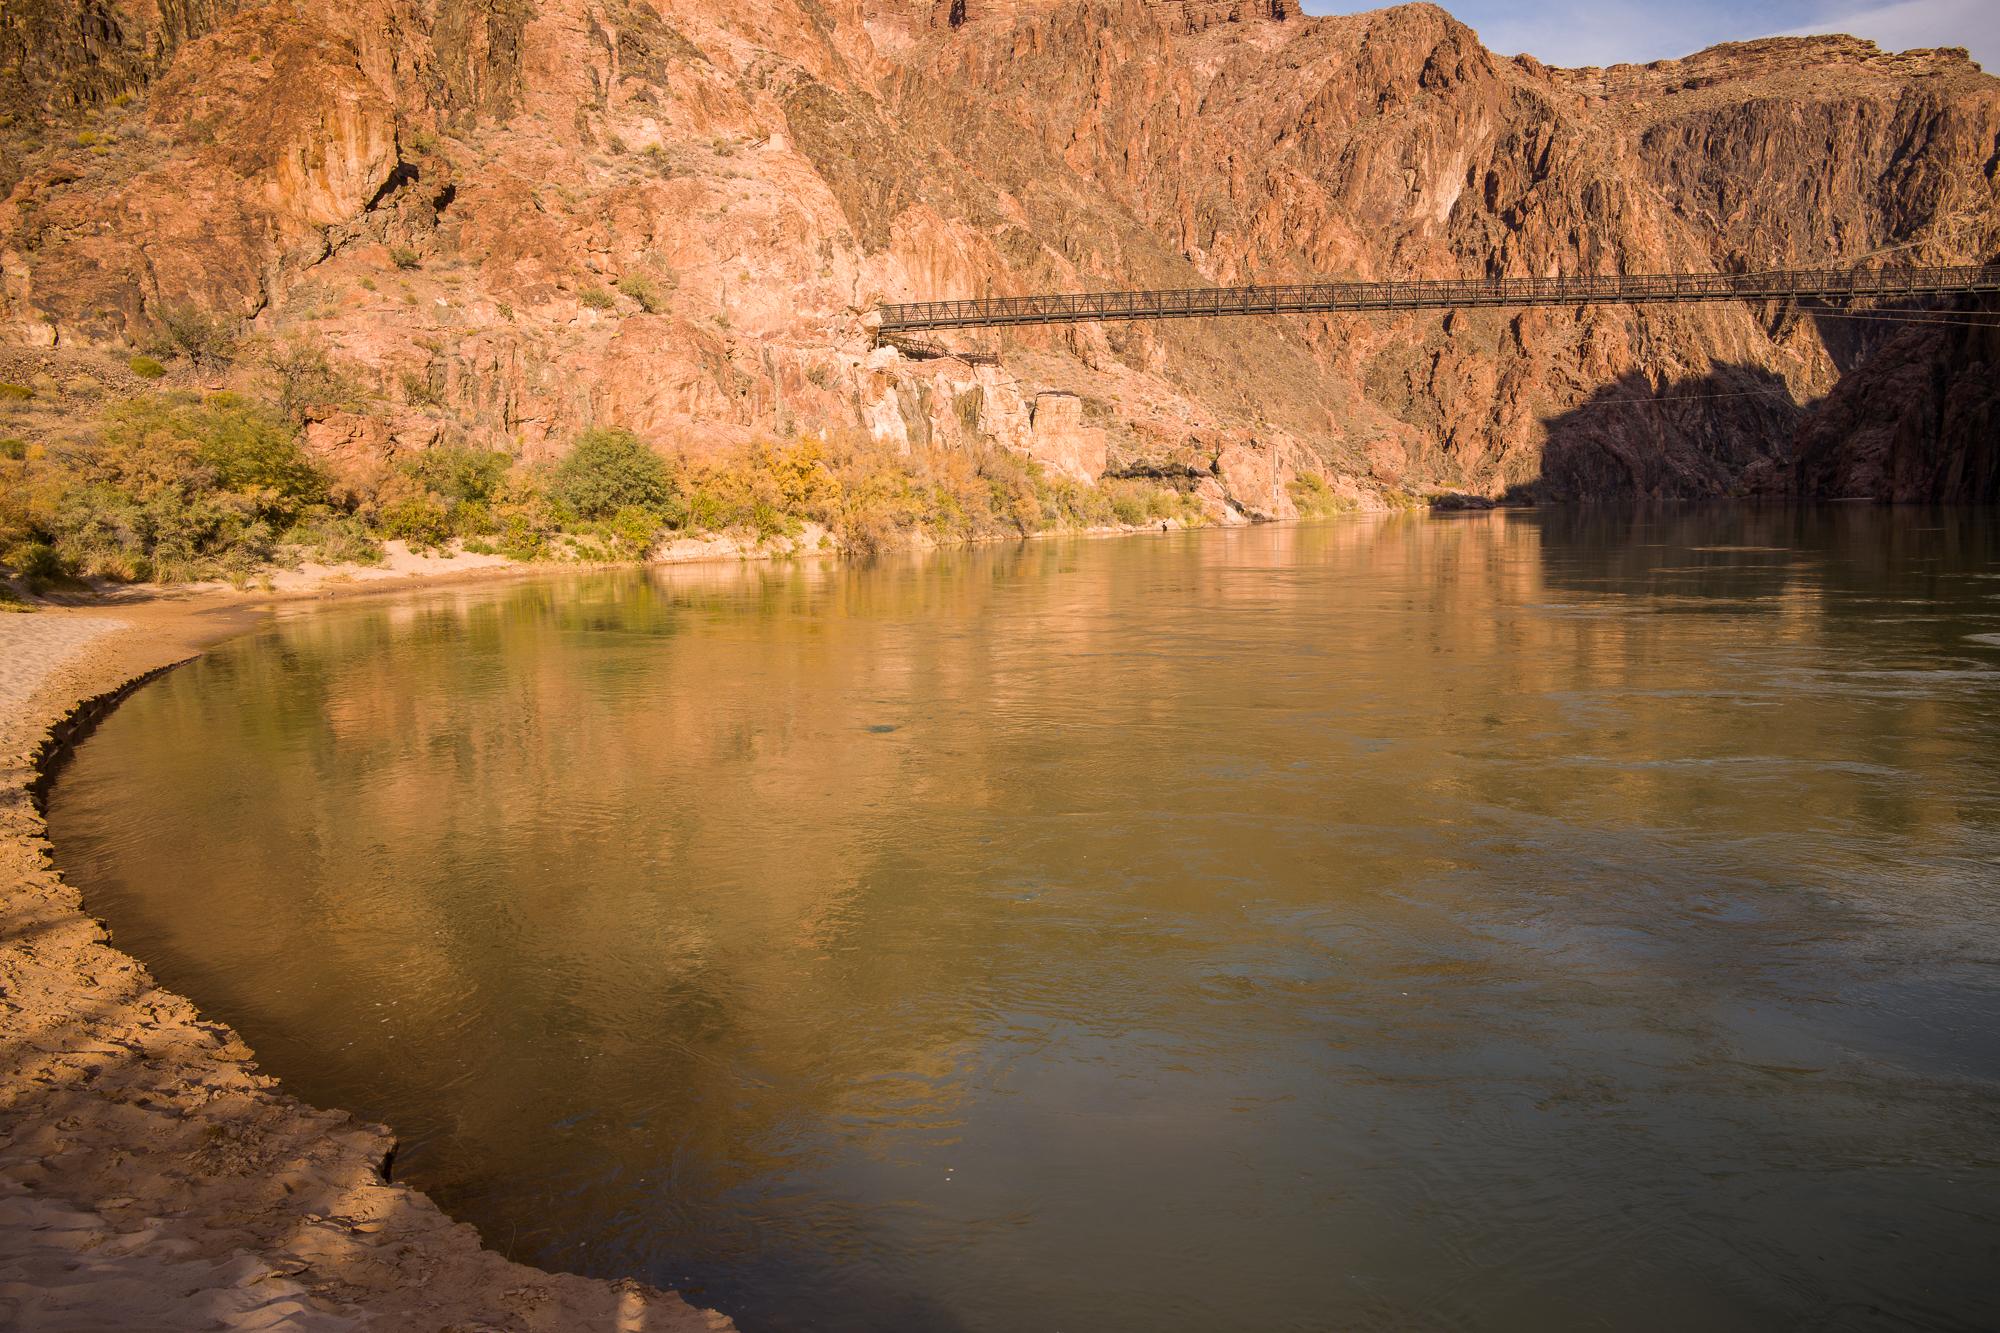 The black suspension bridge over the river